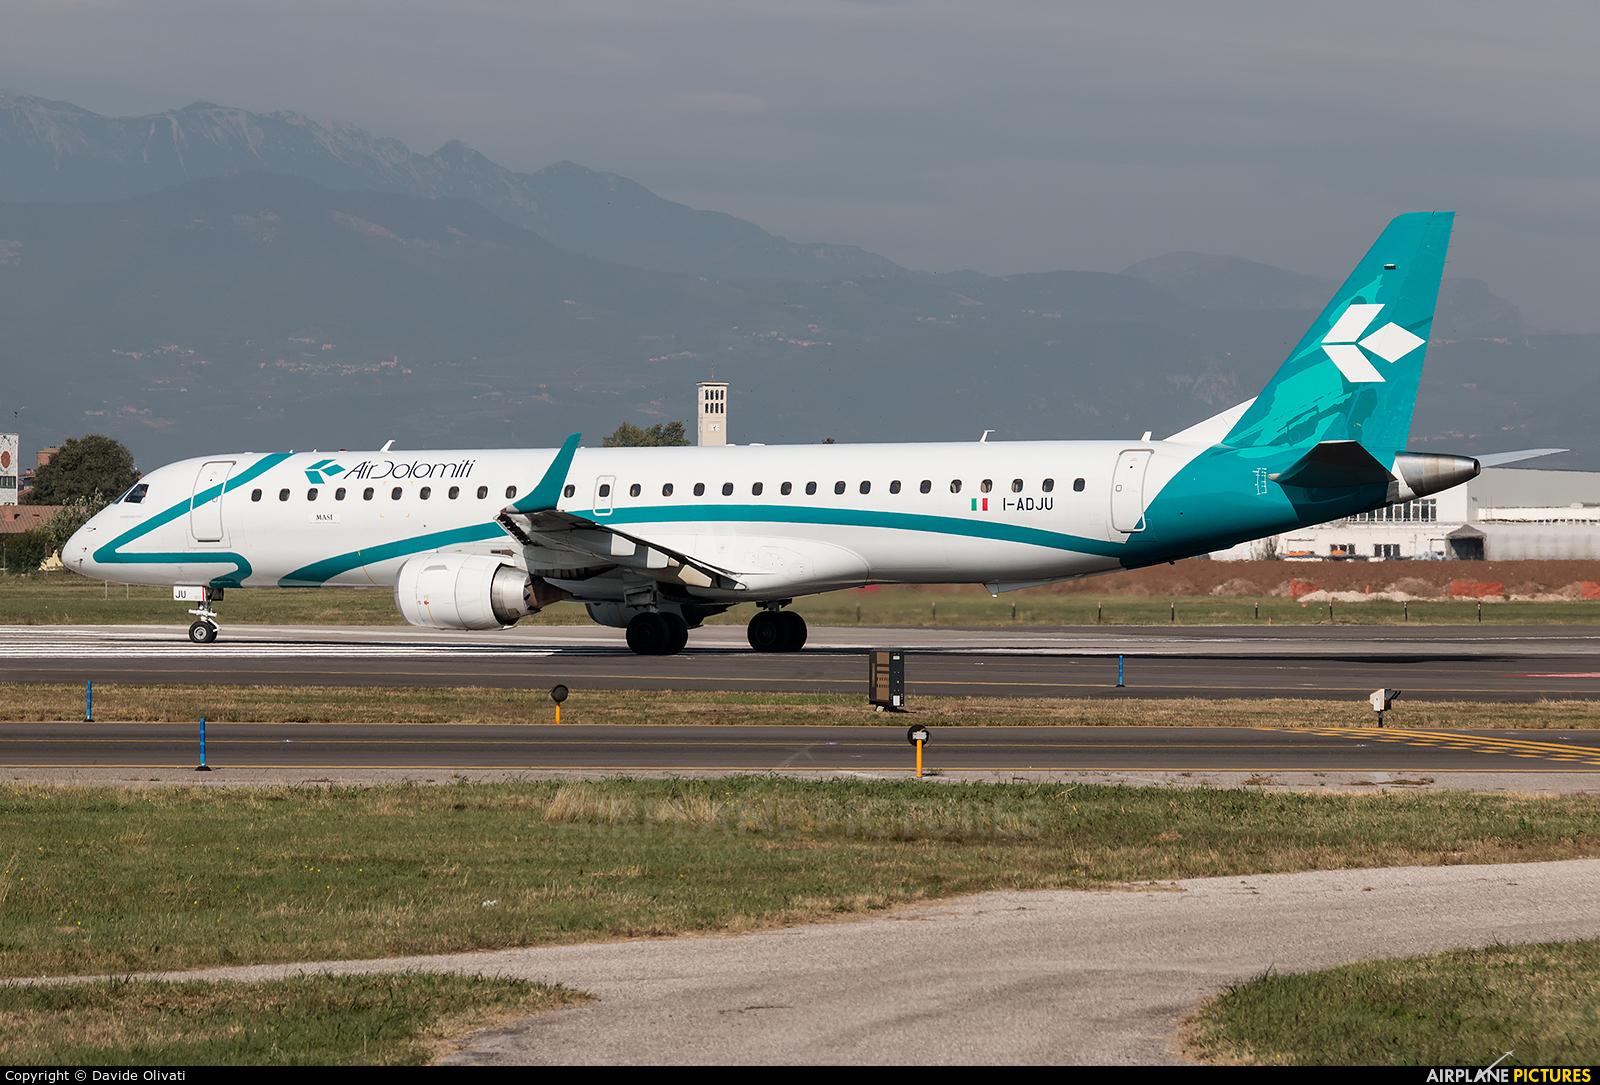 Air Dolomiti I-ADJU aircraft at Verona - Villafranca